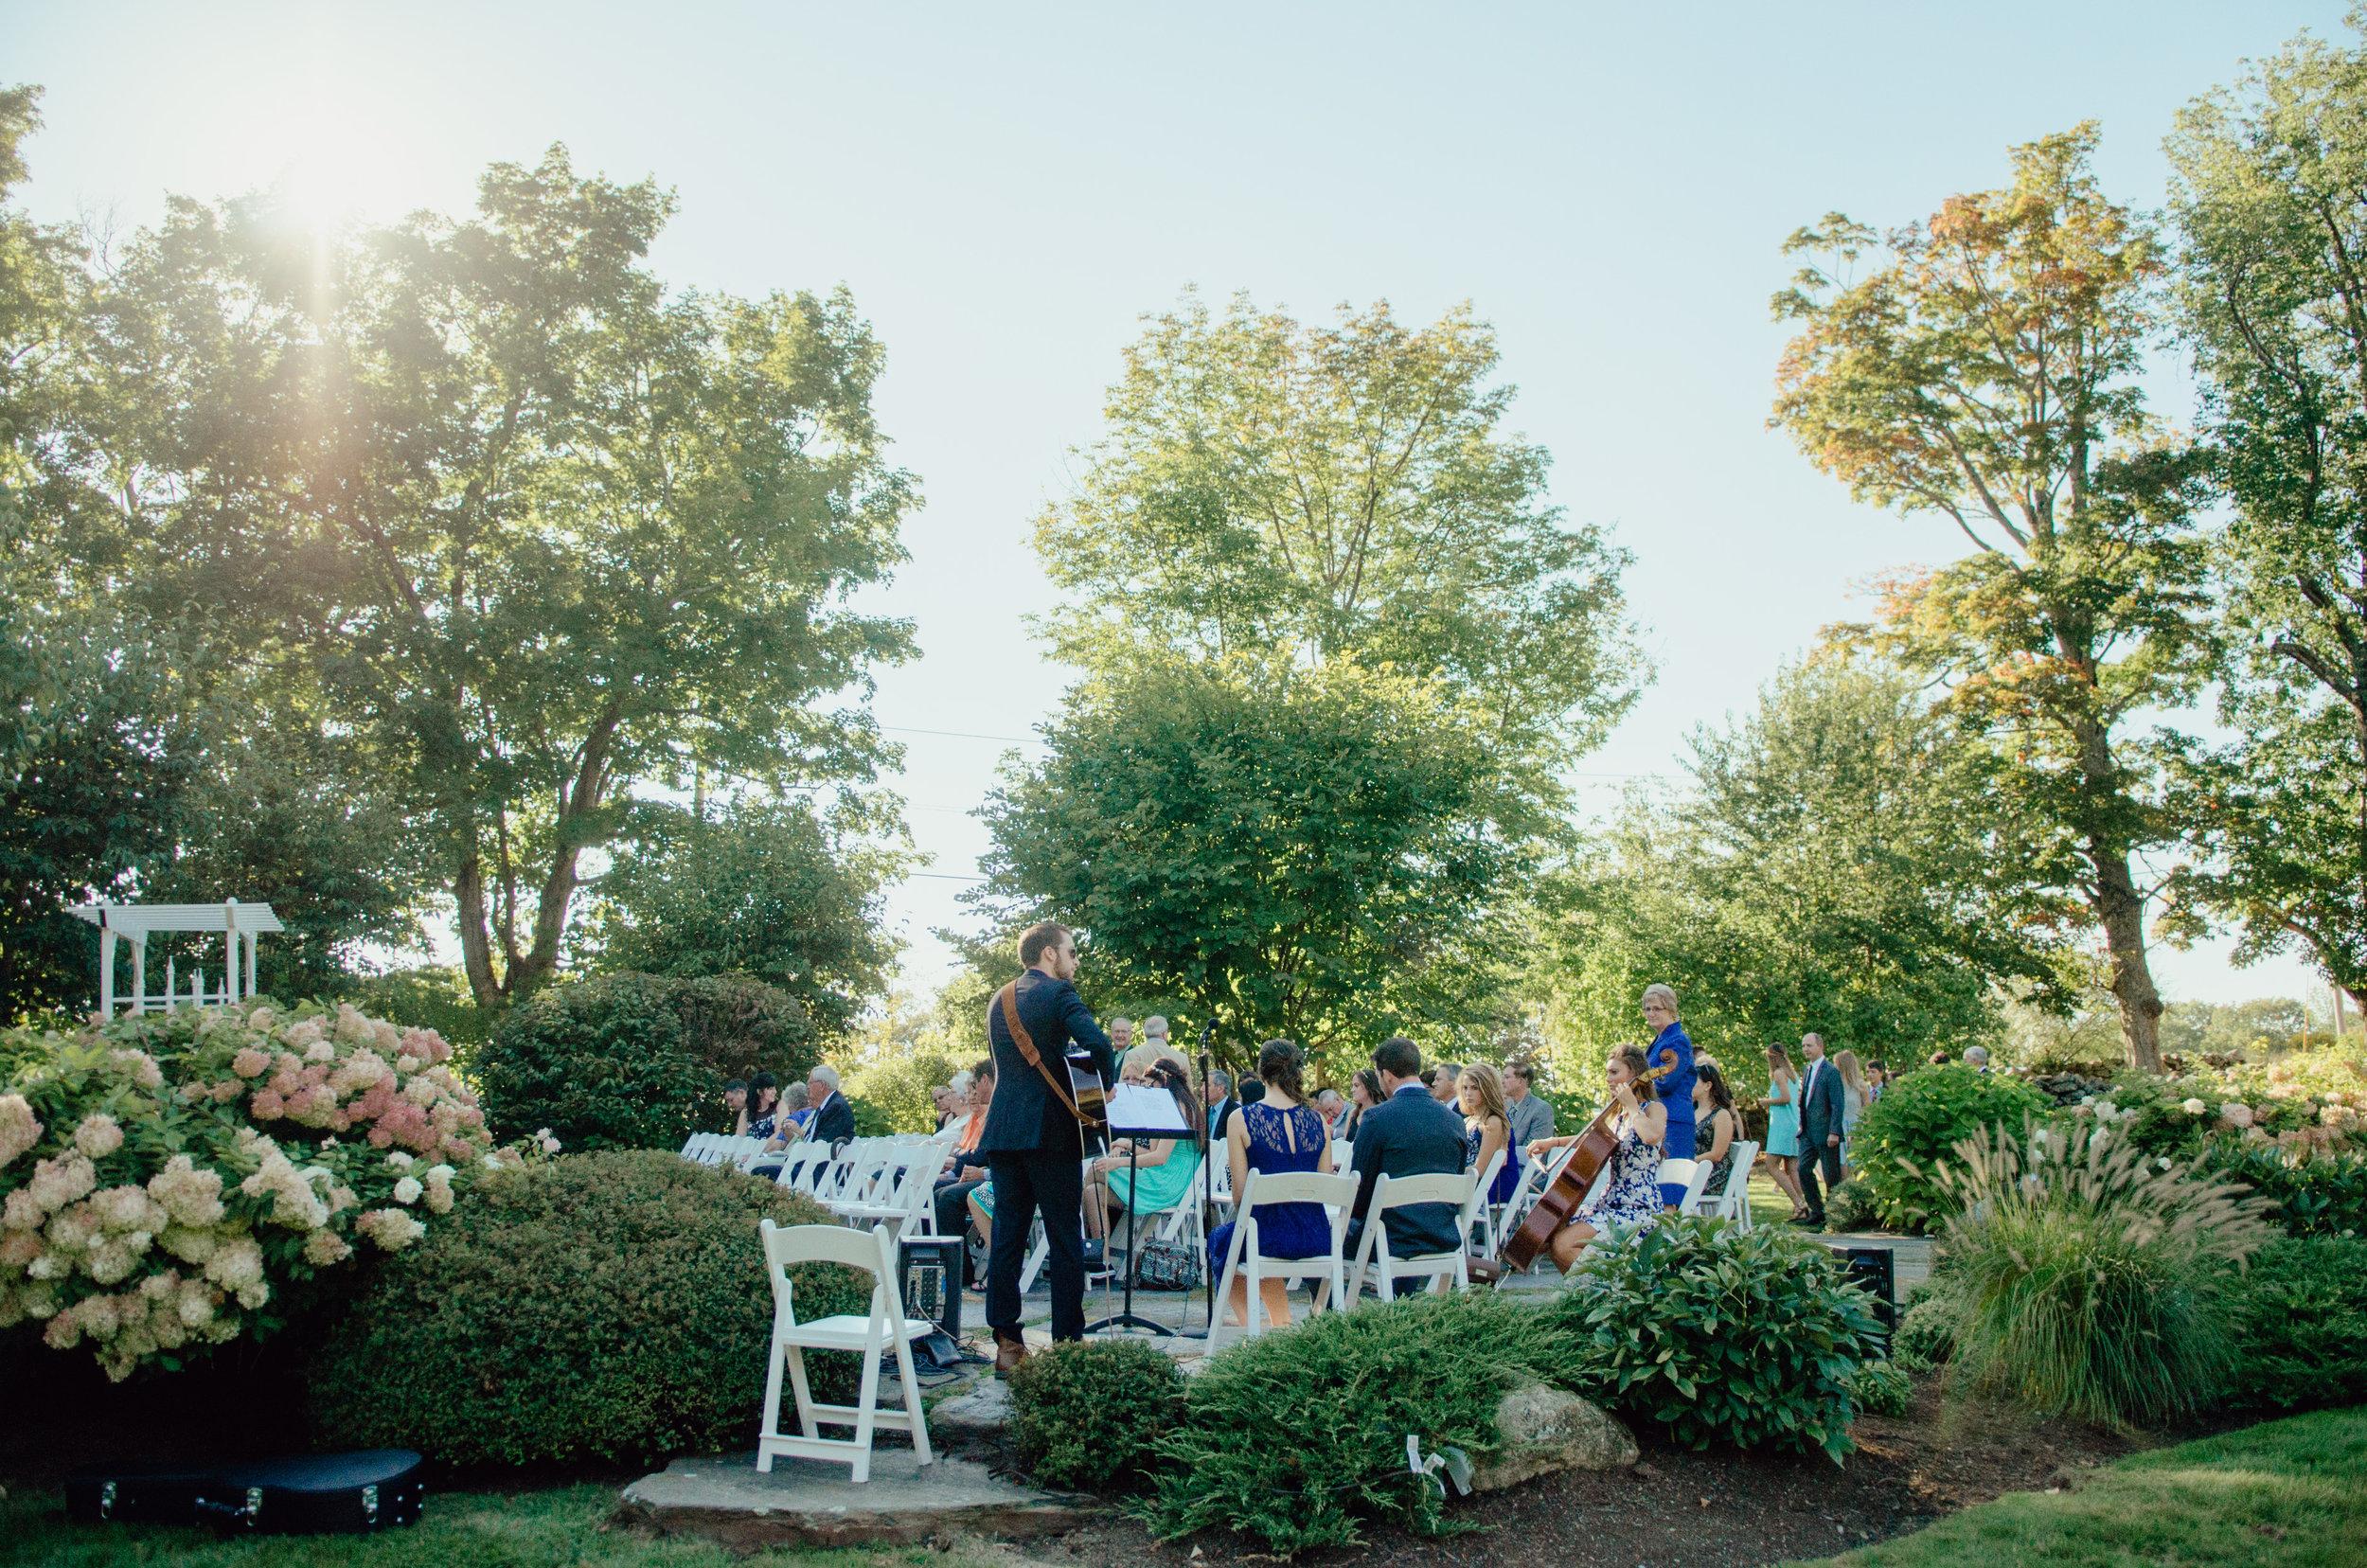 cleland-studios-weddings-64.jpg